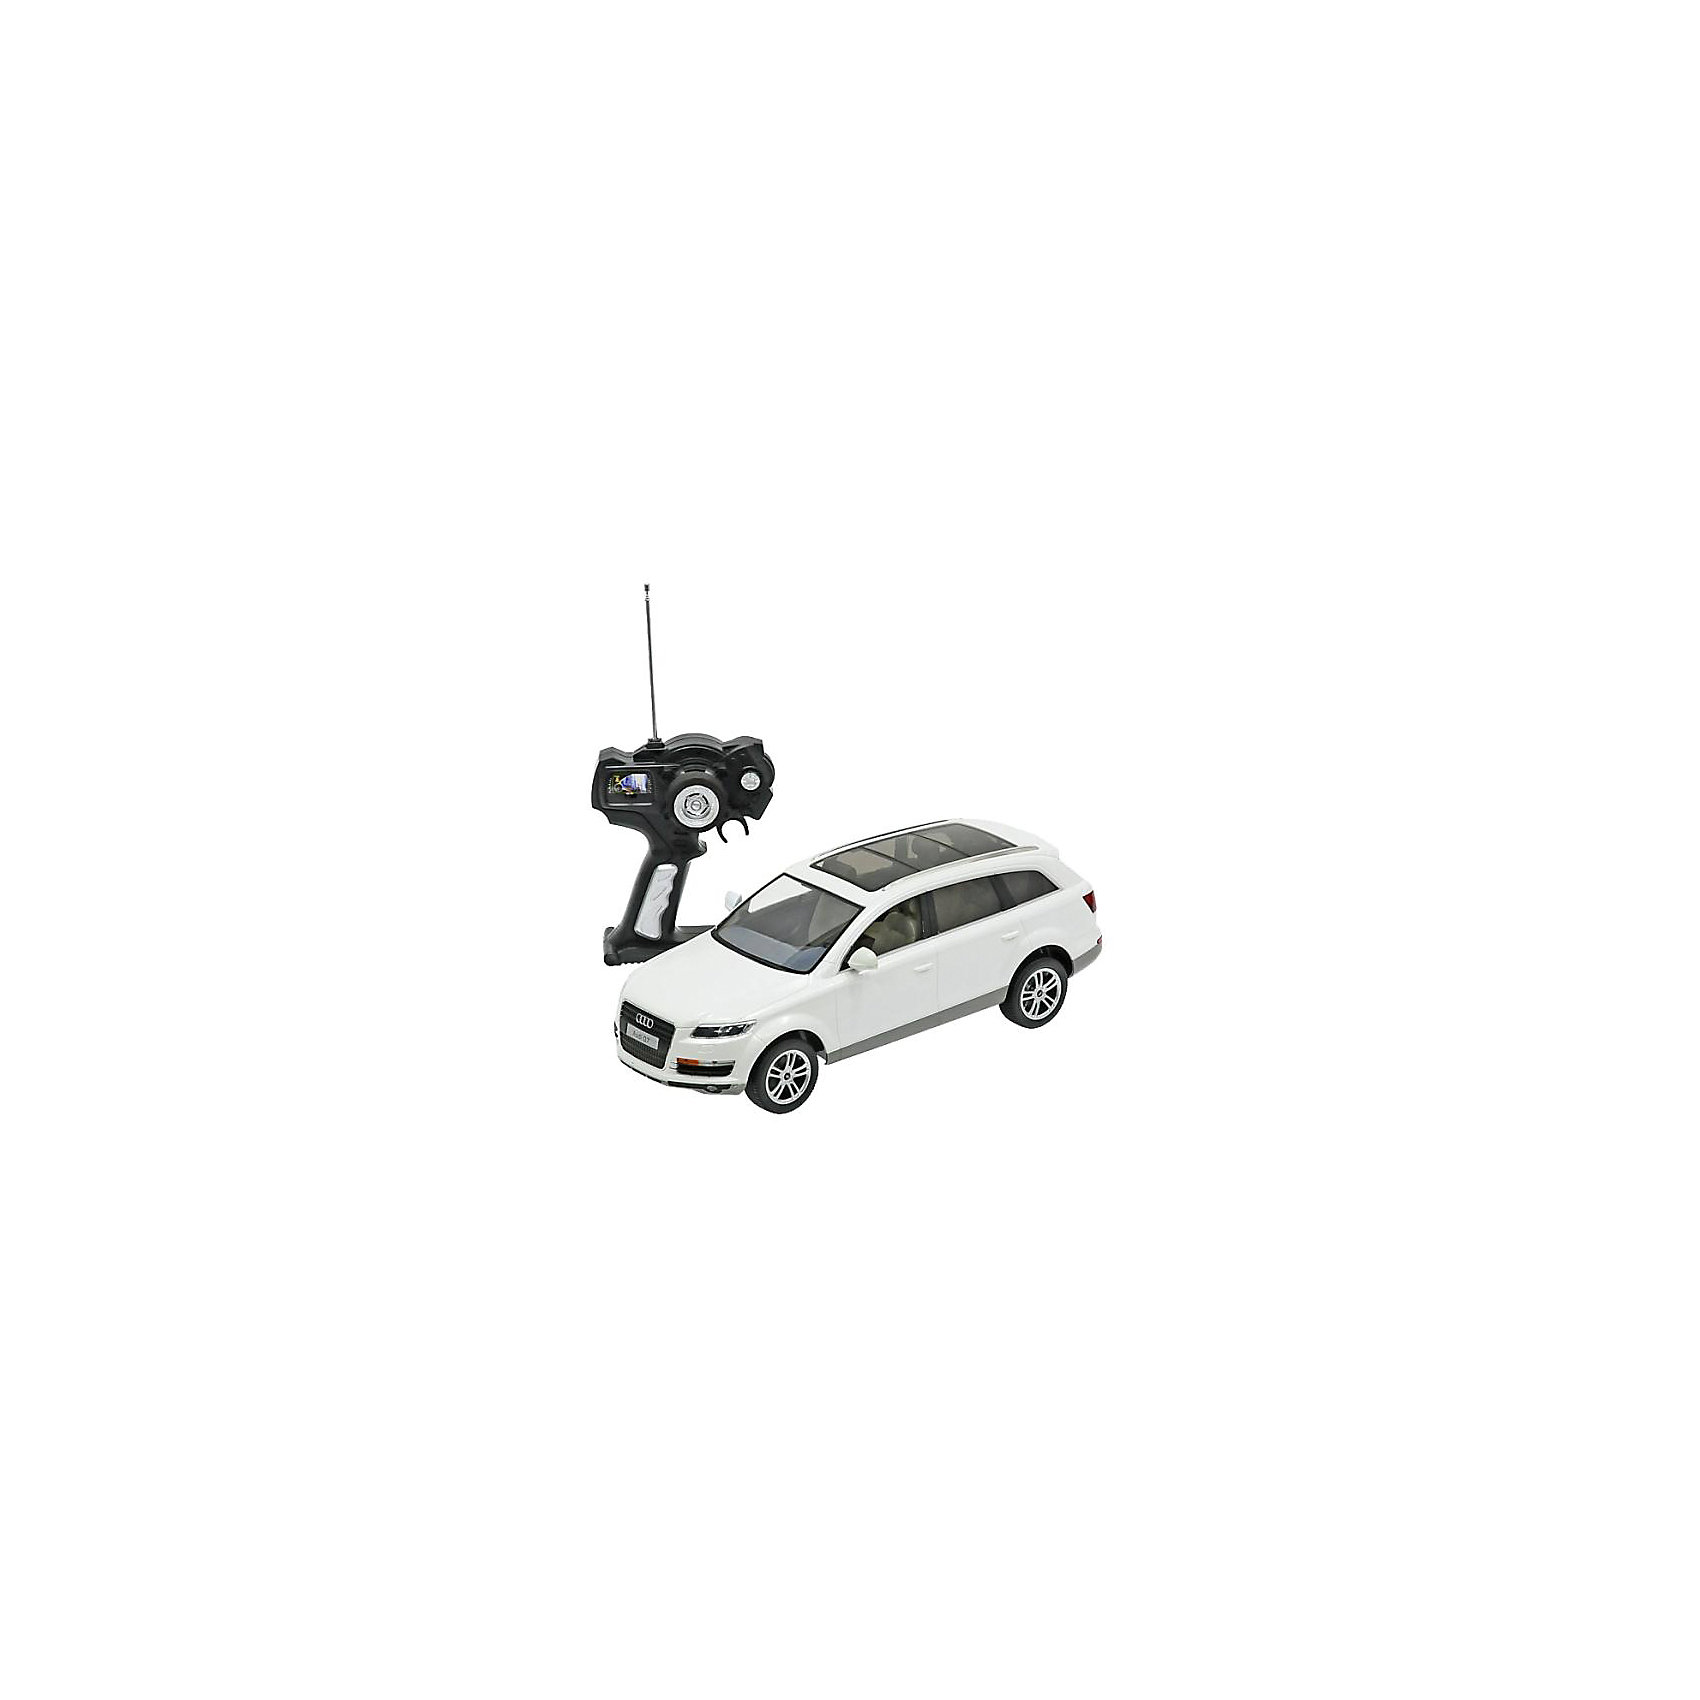 Машина AUDI Q7 1:14, свет, на р/у, RASTAR, белыйРадиоуправляемая модель автомобиля Audi Q7 от Rastar выполнена в масштабе 1:14 из металла с пластмассовыми деталями — точная копия оригинального автомобиля. Автомобиль может двигаться вперед, назад, влево, вправо со скоростью до 12 км/ч. При движении вперед у автомобиля светятся фары. Радиус управления игрушкой до 35 метров.  При игре с автомобилем отлично развиваются логическое мышление и  координация движений.  Радиоуправляемая машина Audi Q7 от Rastar обрадует любого мальчишку!  Дополнительная информация:  - Пульт радиоуправления на частоте 27MHz. - Материал: металл, высококачественная пластмасса - Размеры упаковки(ДхШхВ): 22 x 46 x 20 см - Размеры автомобиля(ДхШхВ):  36x14x12 см - Батарейки: 5 х АА, 1 х «Крона». В комплект не входят. - Вес: 1,58 кг  Машину AUDI Q7 1:14, свет, на р/у, RASTAR можно купить в нашем интернет-магазине.<br><br>Ширина мм: 200<br>Глубина мм: 220<br>Высота мм: 460<br>Вес г: 1580<br>Возраст от месяцев: 36<br>Возраст до месяцев: 144<br>Пол: Мужской<br>Возраст: Детский<br>SKU: 4838260